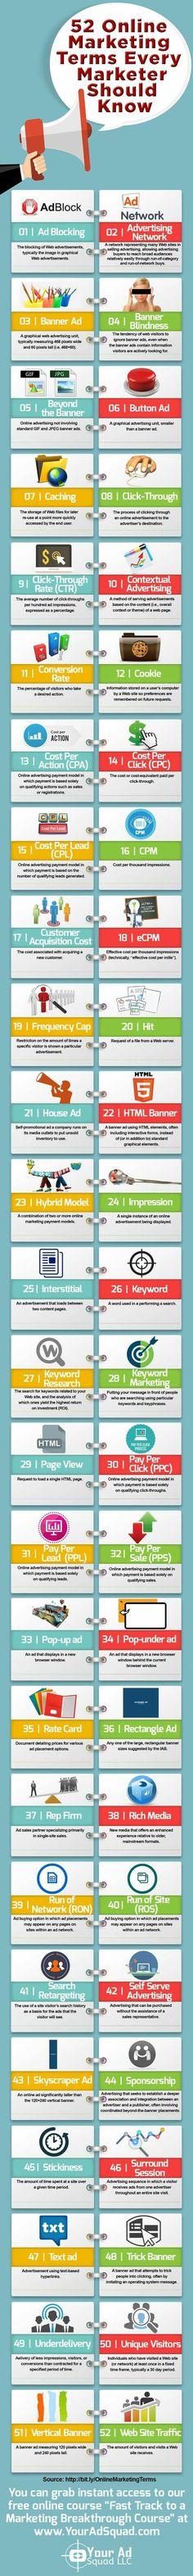 52 mots-clés du marketing en ligne http://iwebcontact.ca/52-mots-cles-du-marketing-en-ligne-infographie/ #Infographieonline-marketing-term